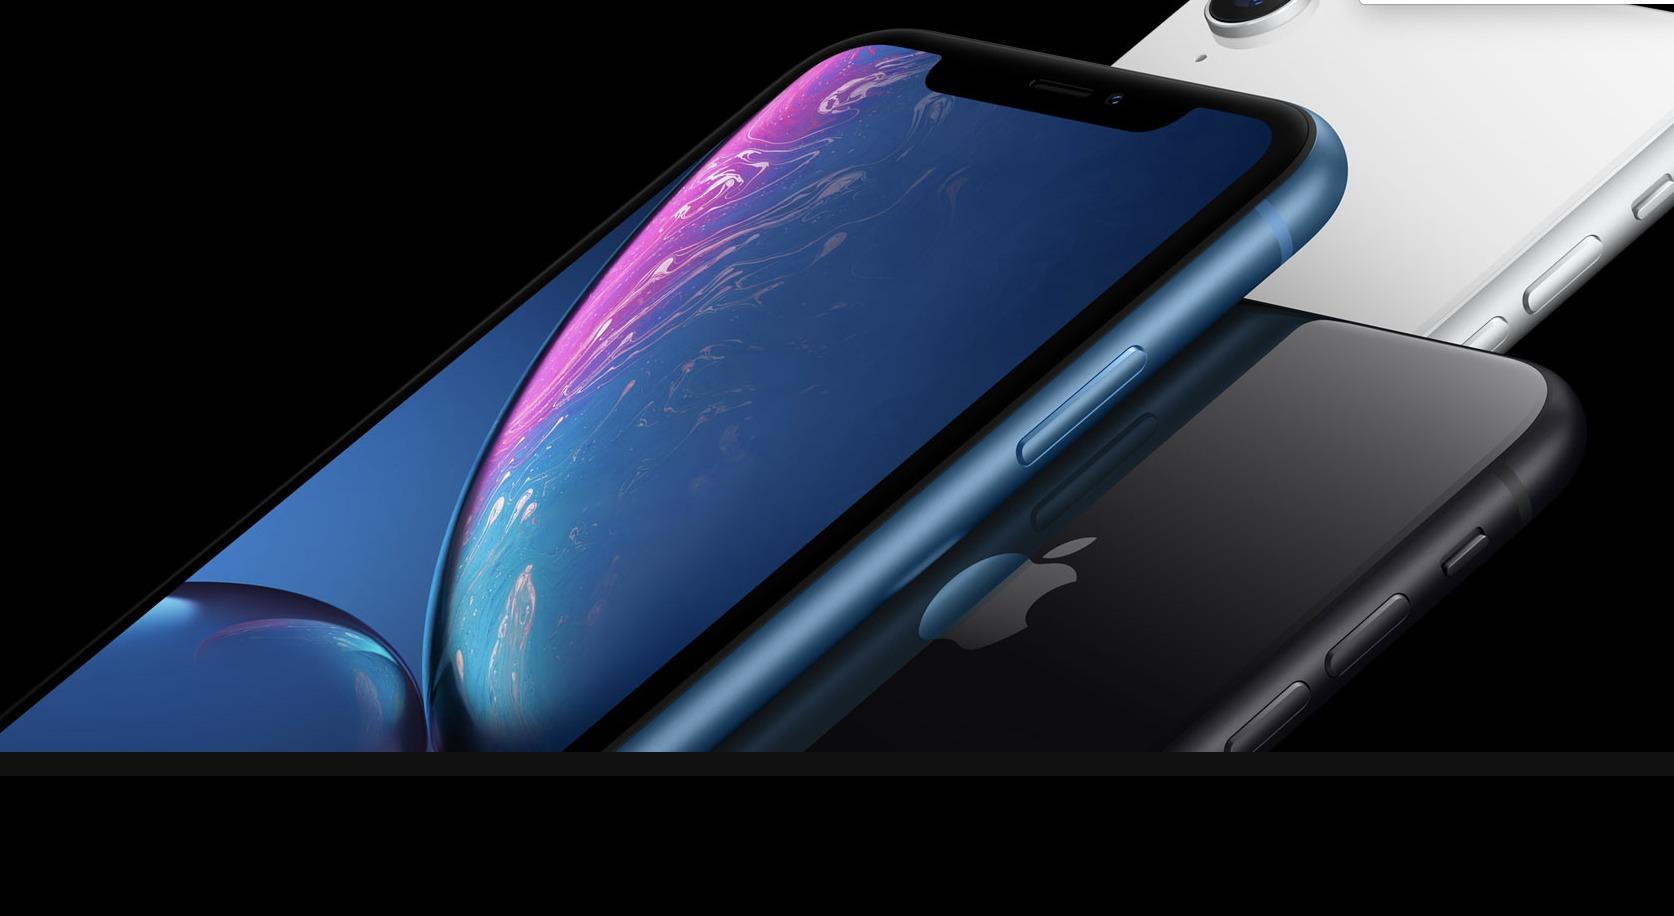 Apple har kun lov til å selge de nyeste iPhone-modellene etter en avgjørelse i retten denne uken,